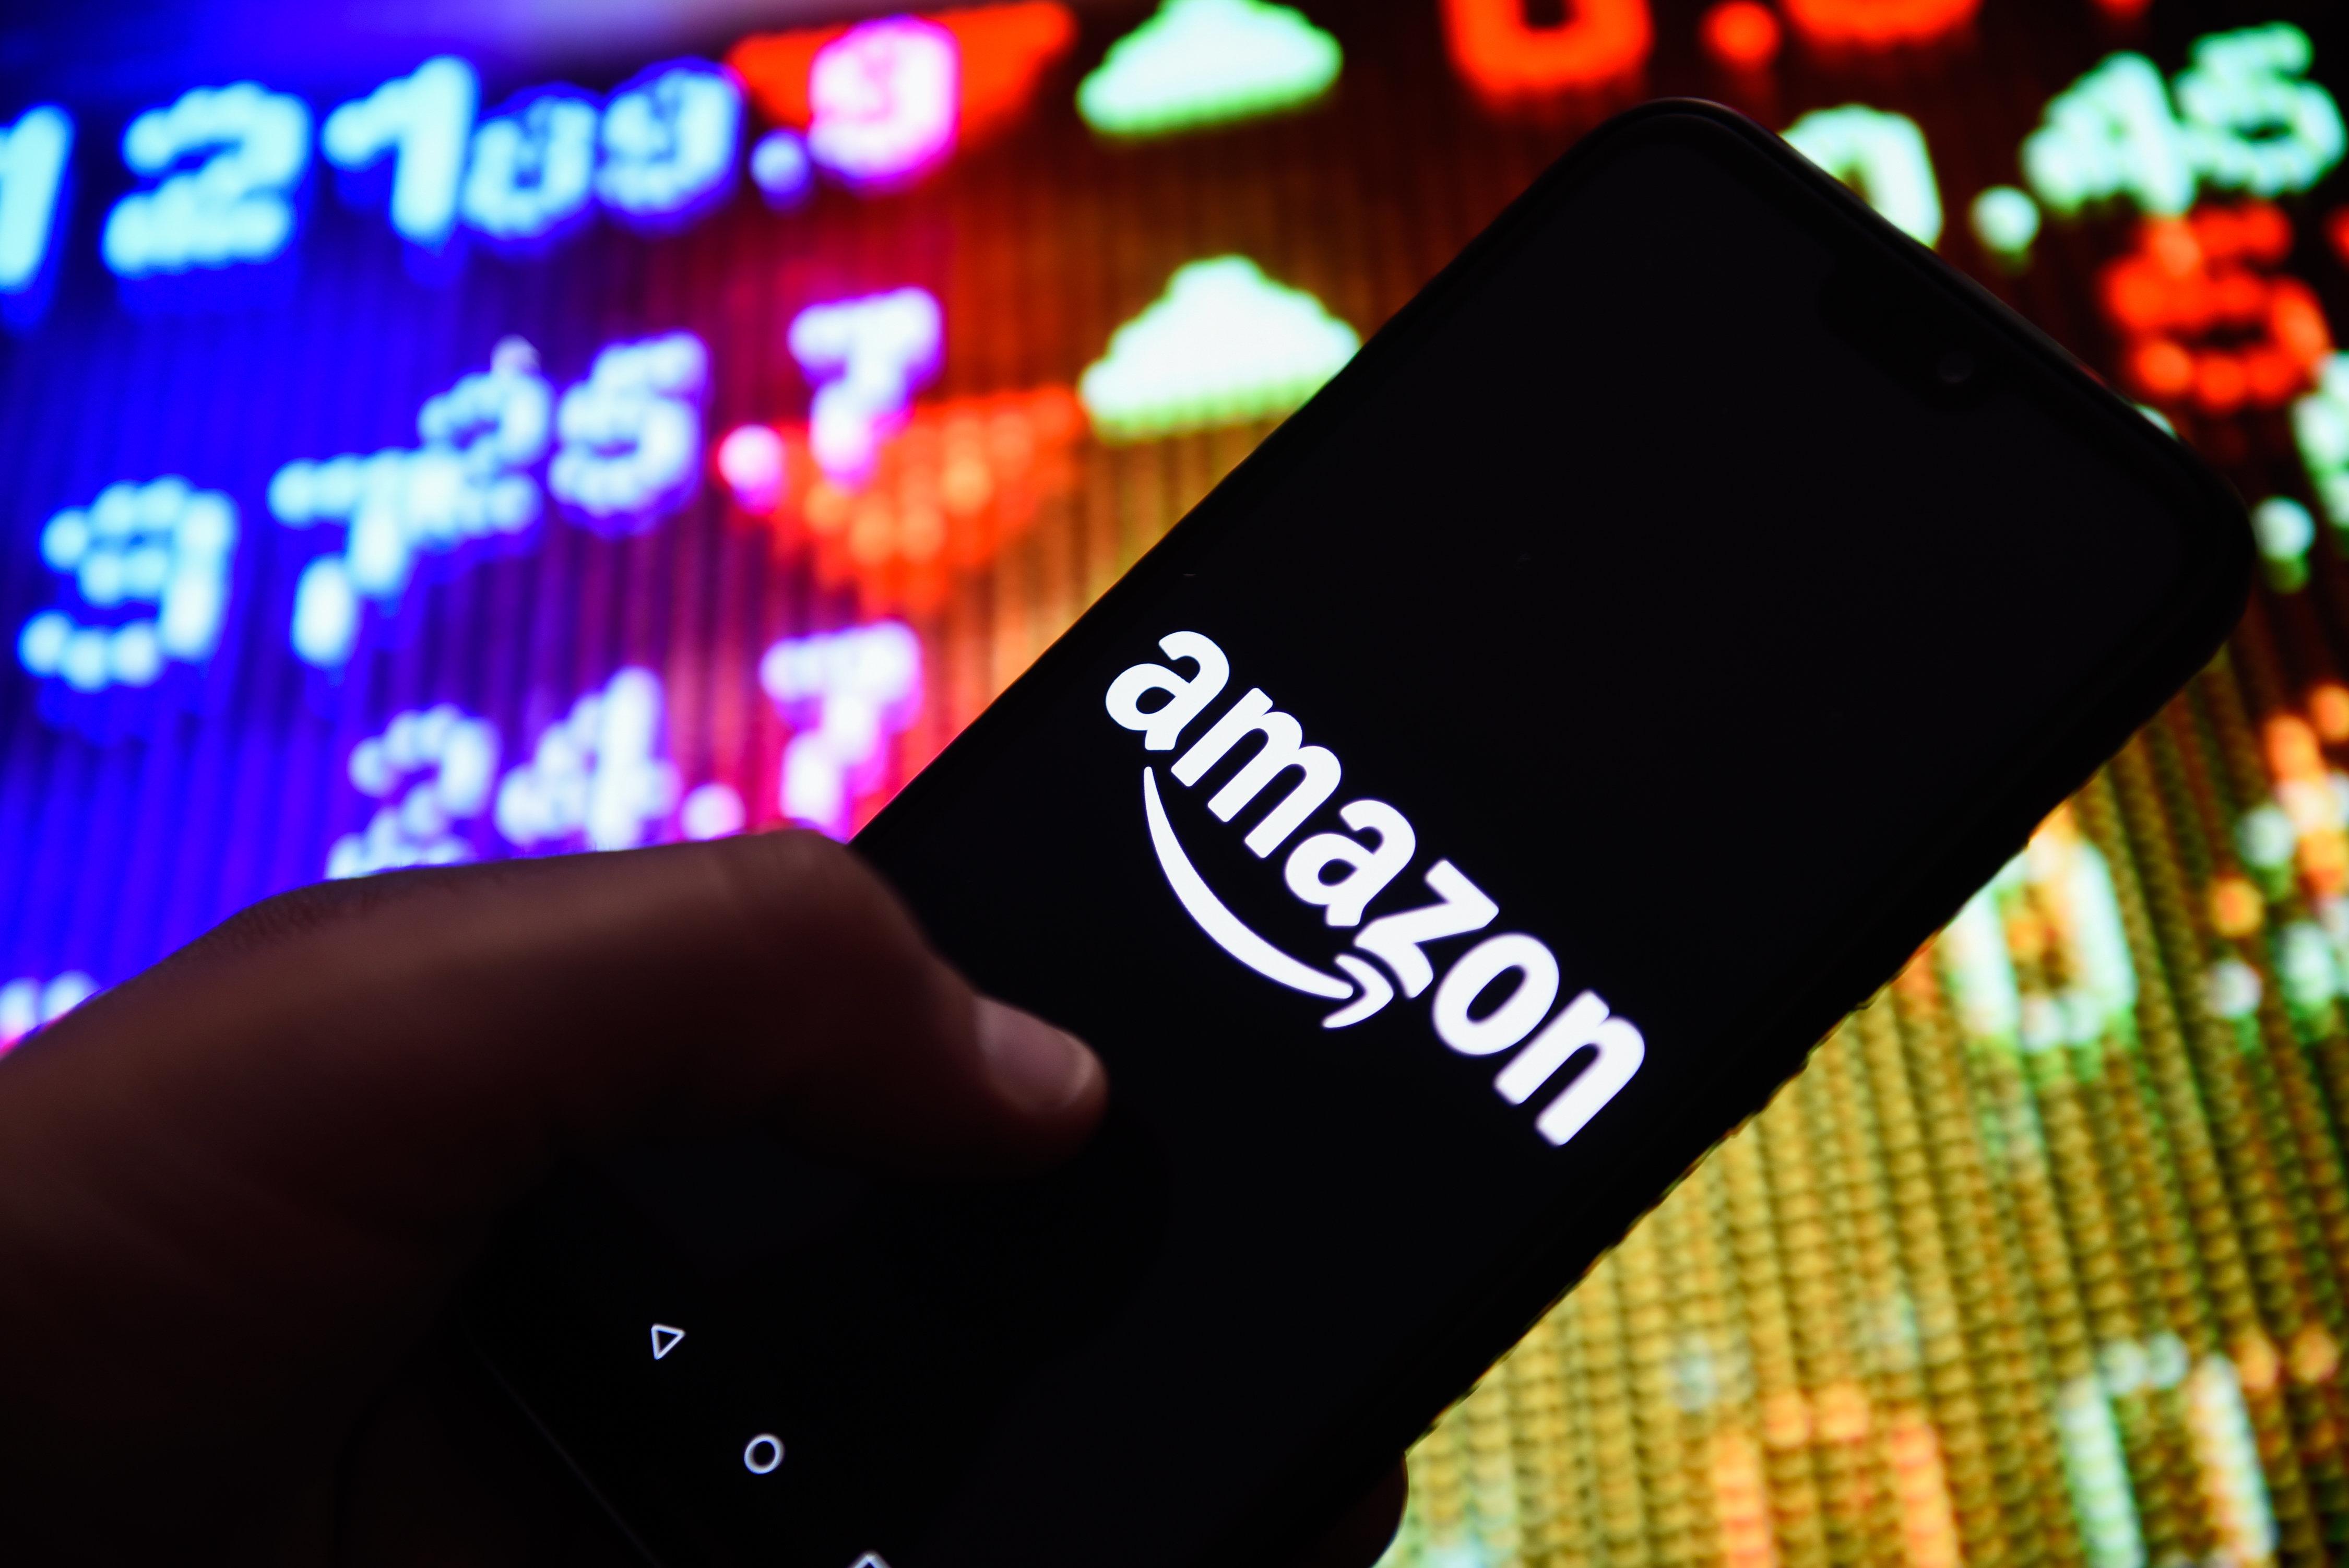 Amazon社員5000人超が経営陣に要請「私たちは、地球温暖化対策のリーダーになるべきだ」